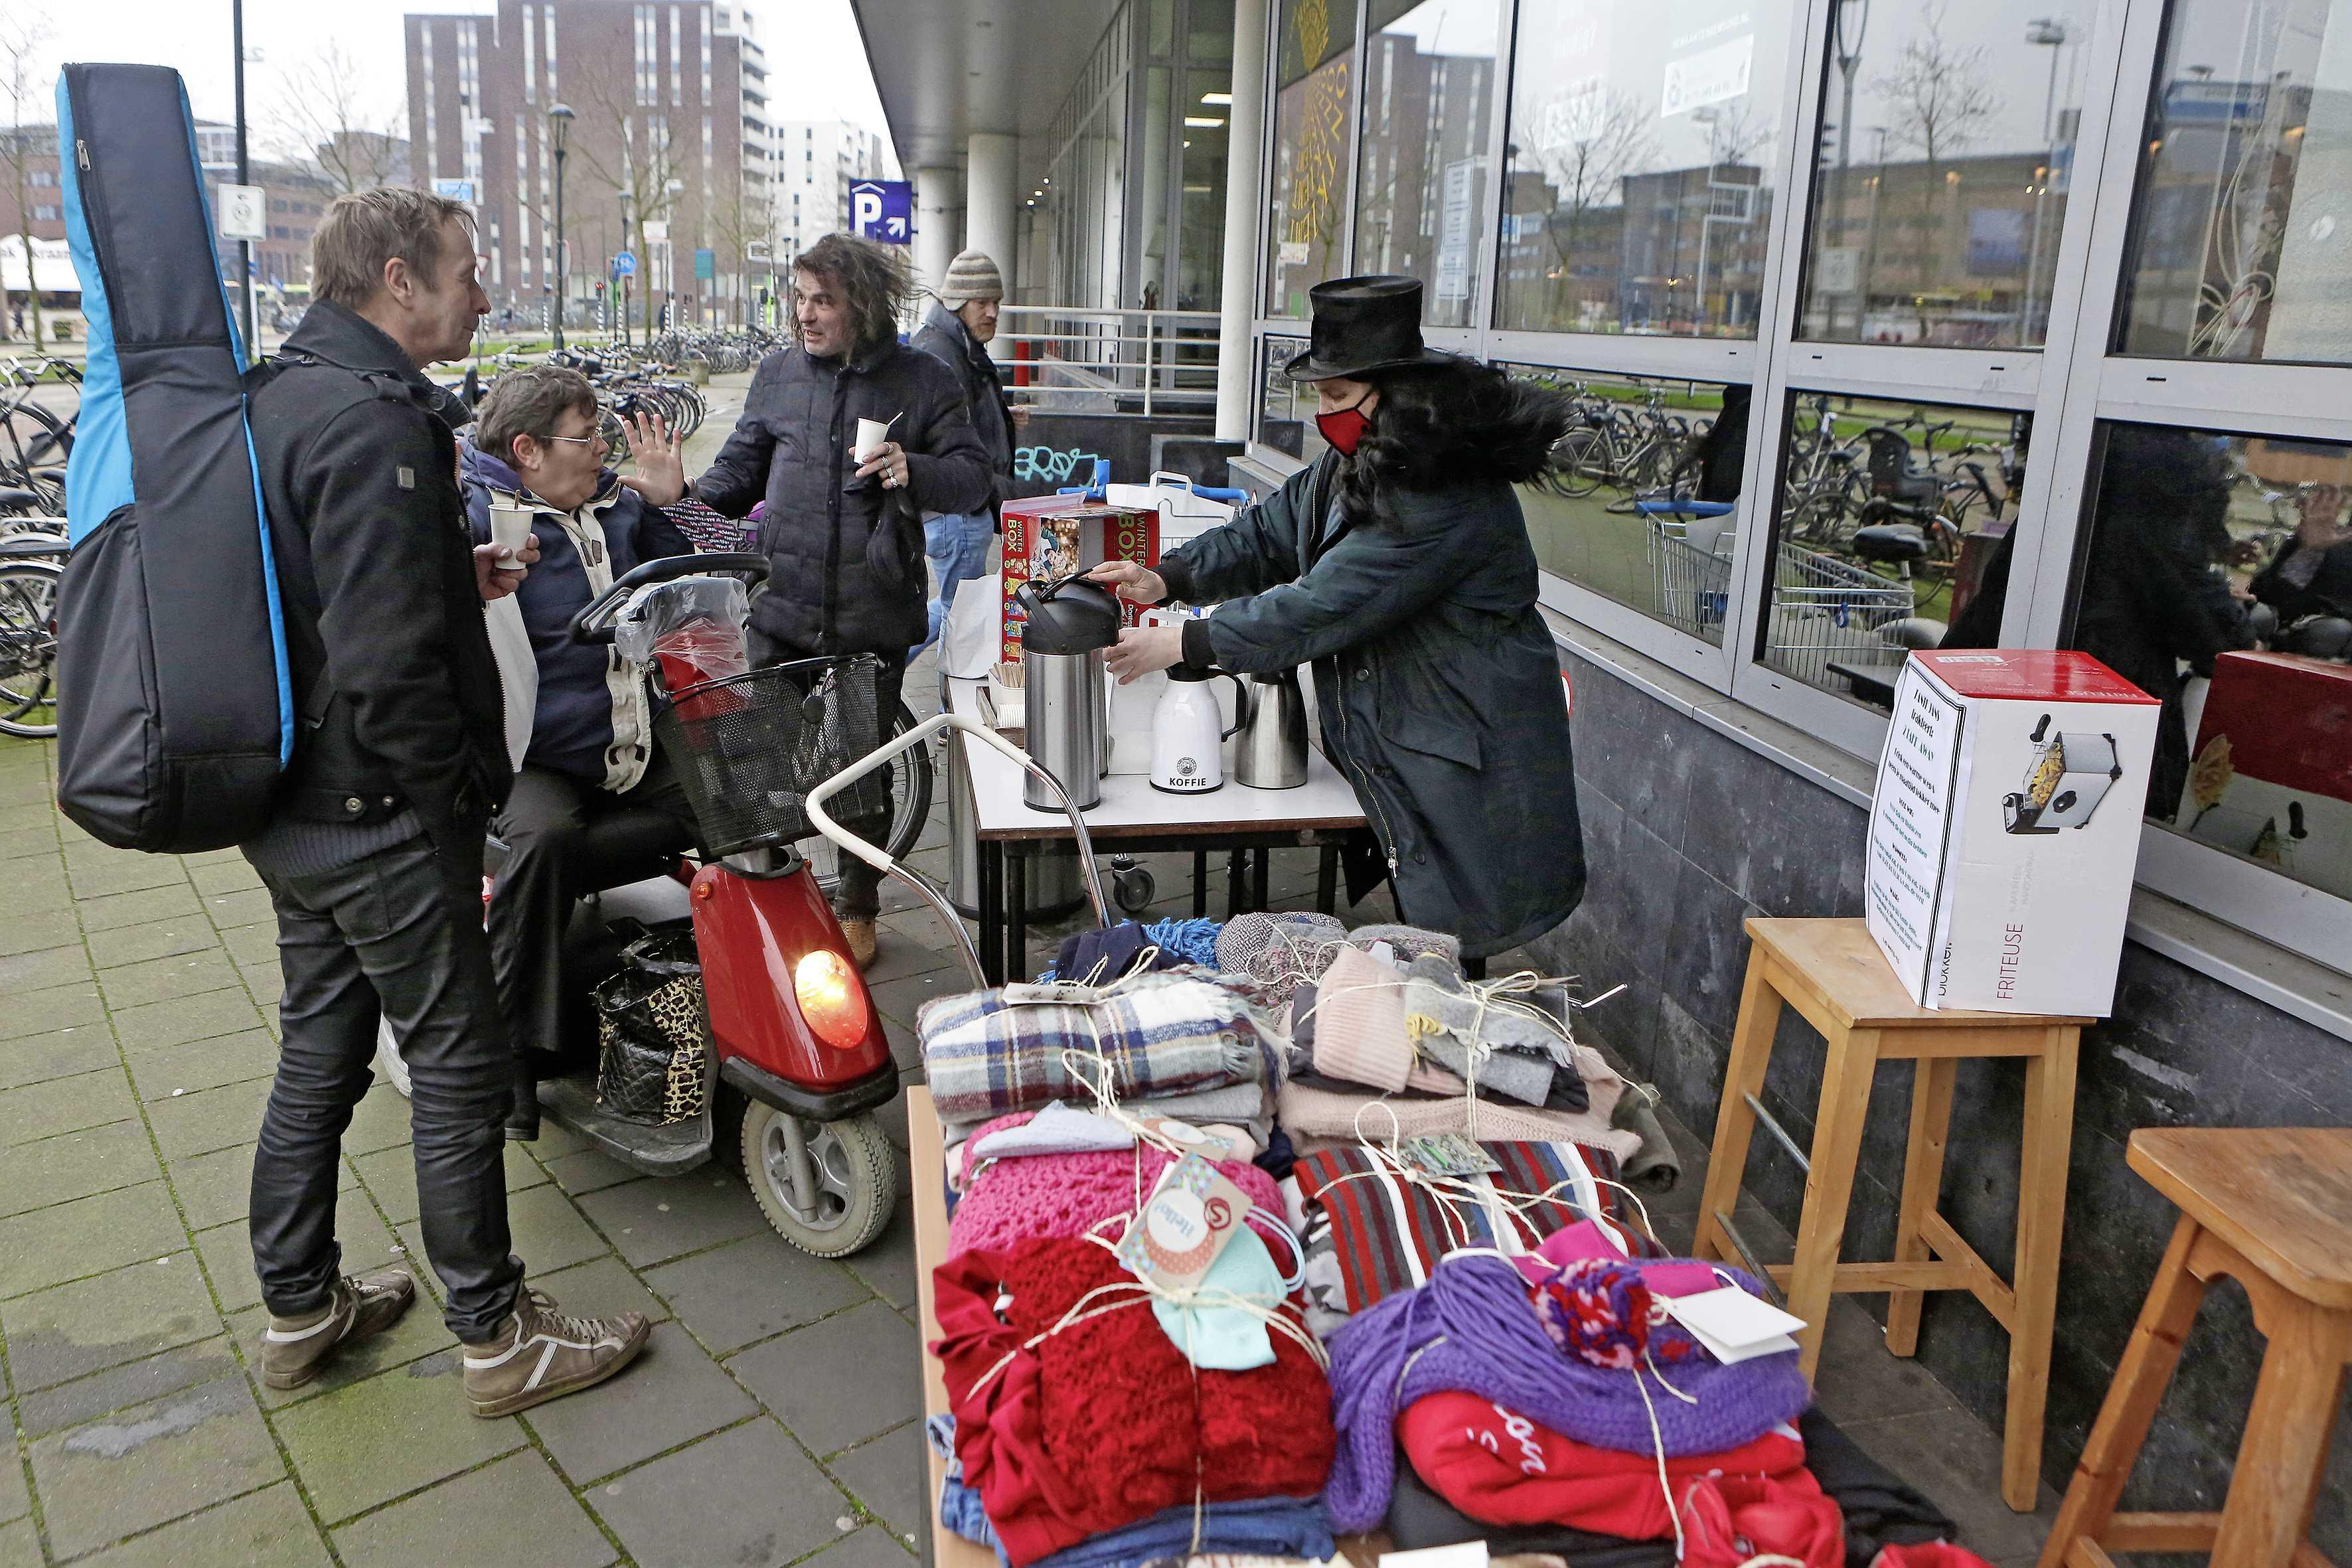 Bedrijvengebouw Tante Jans deelt soep en dekens uit aan daklozen. 'Het wordt zo ontzettend koud. We wilden wat doen'